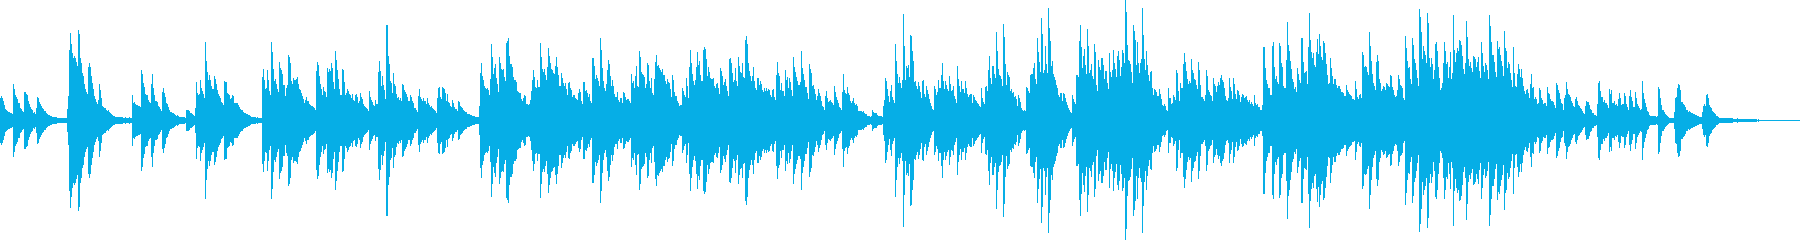 美しい景色(ピアノ・幻想的・ゆったり)の再生済みの波形